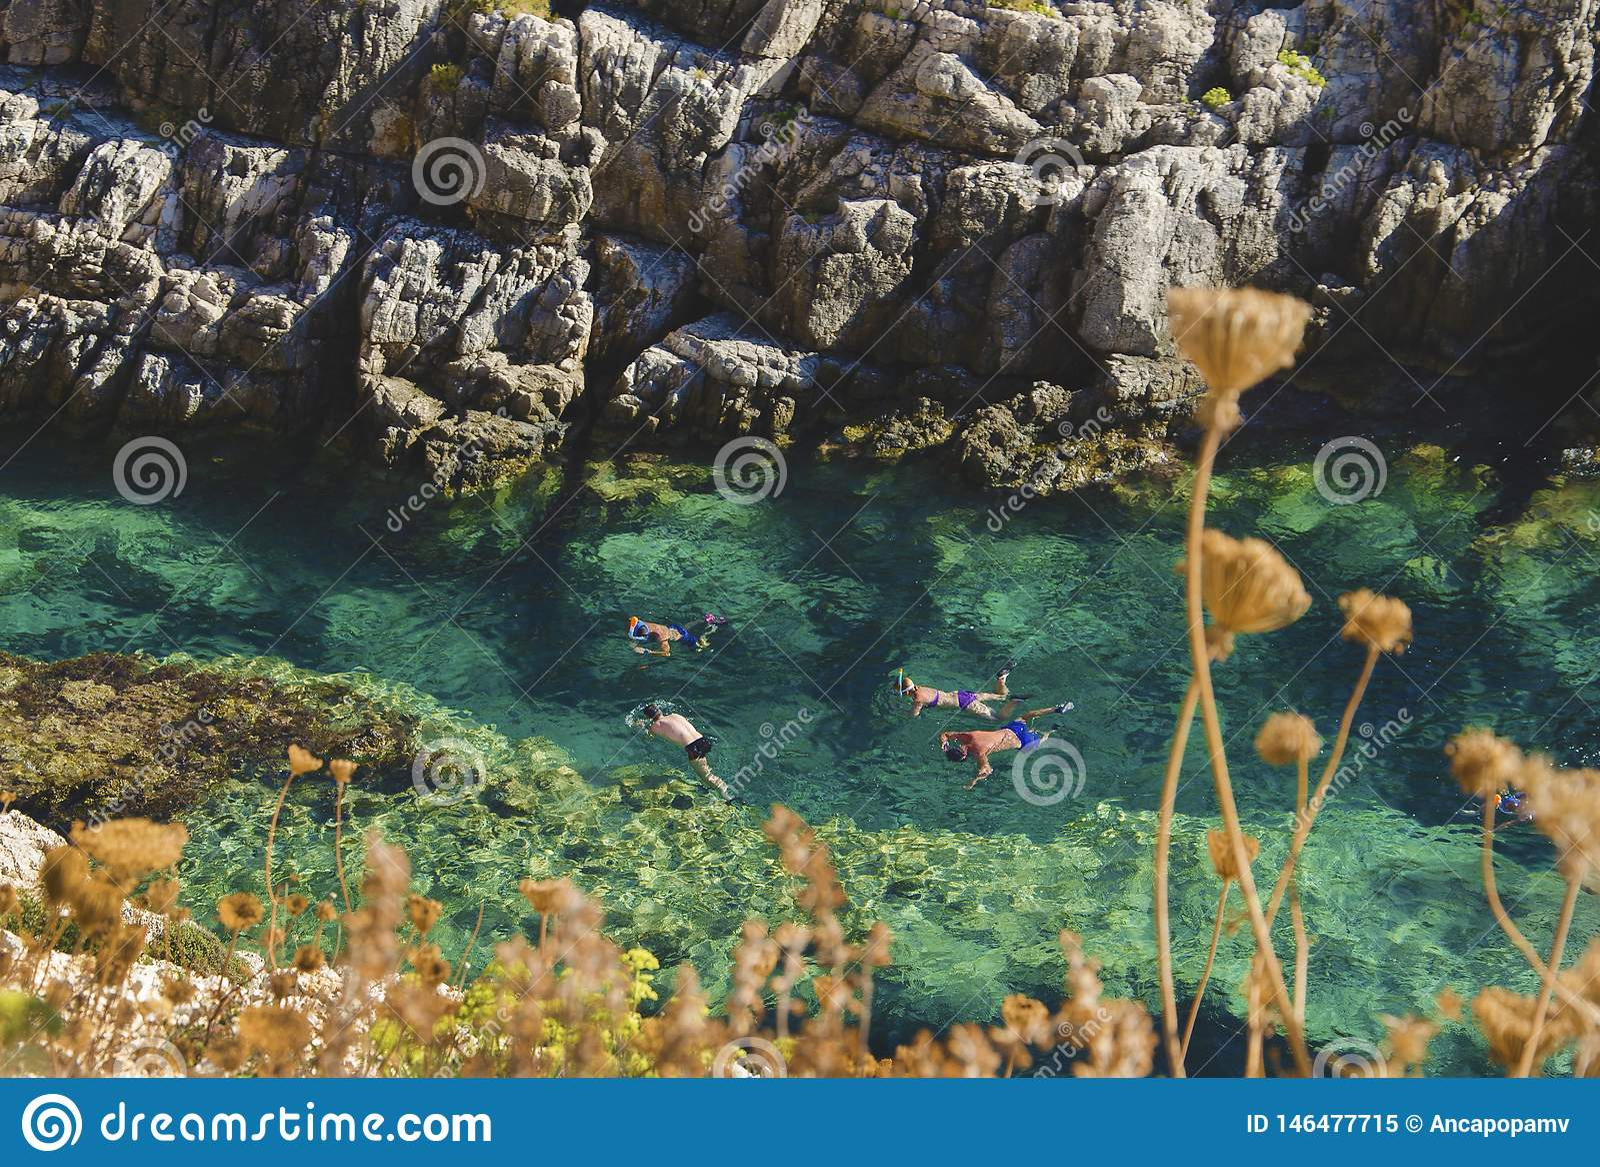 Cuatro personas que nadan, buceando, jugando y explorando los tesoros subacuáticos en el agua cristalina de la turquesa de